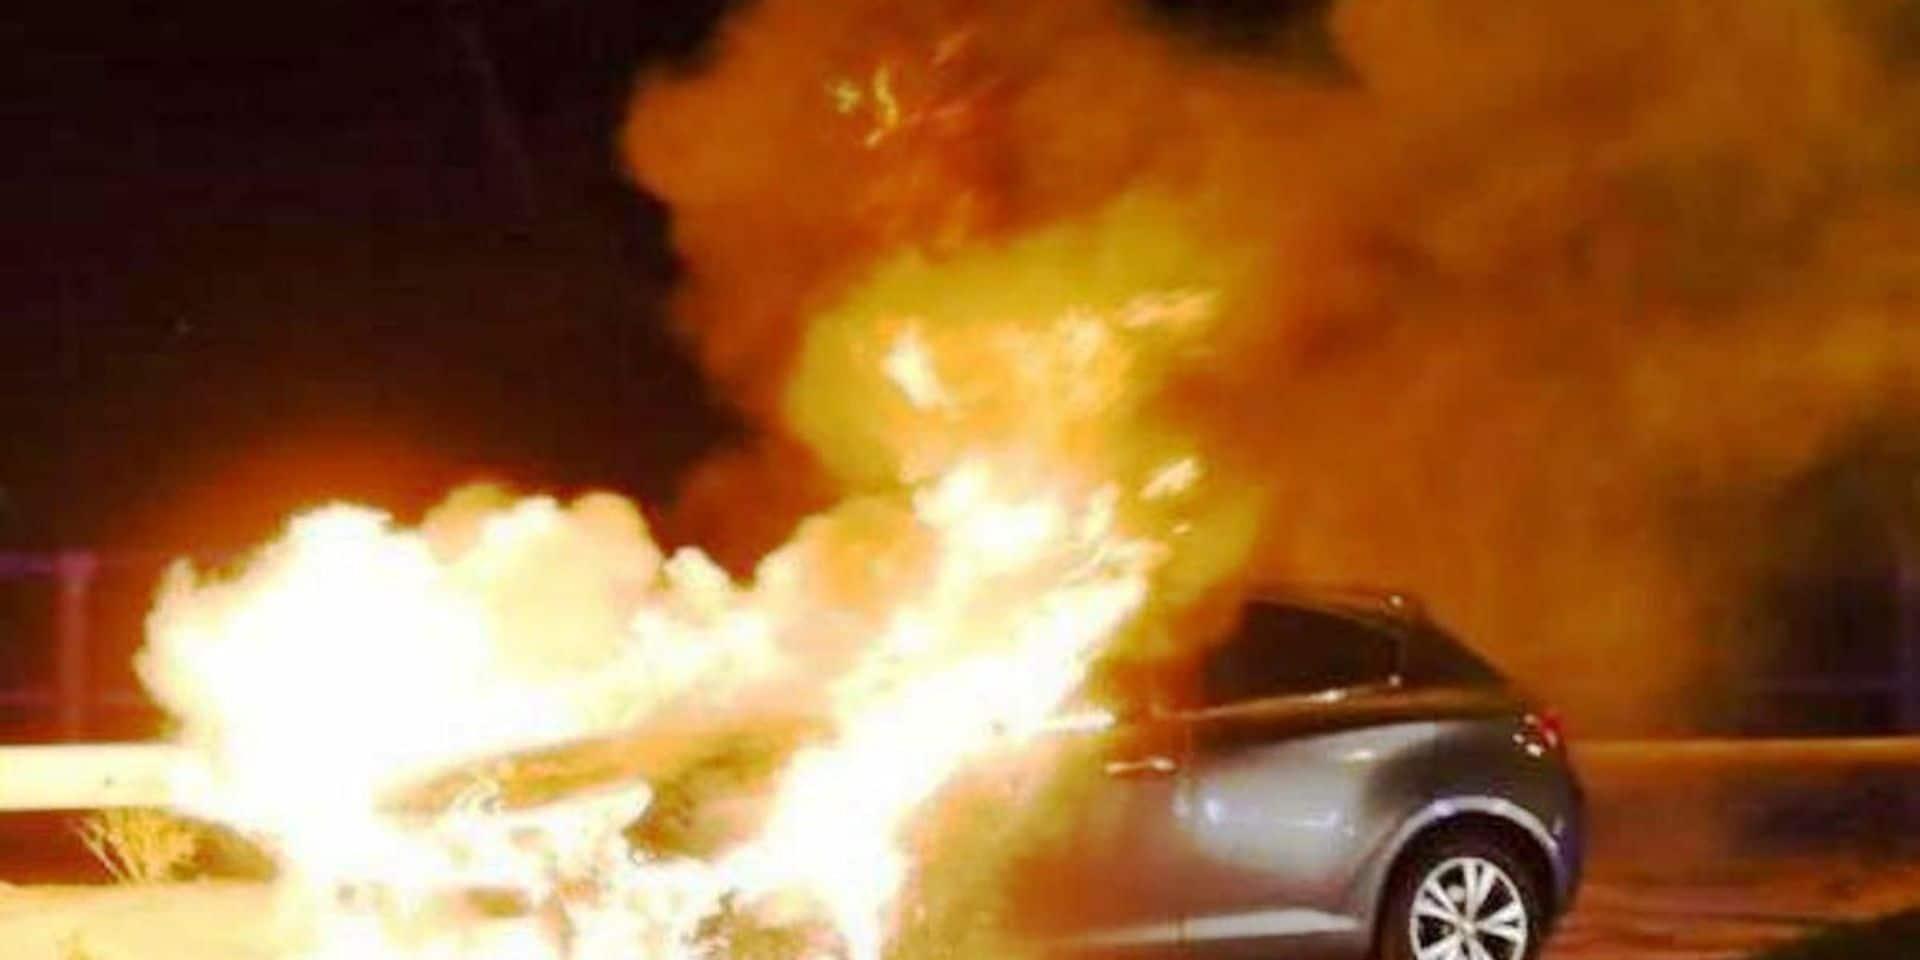 Une moto percute un véhicule en stationnement et prend feu : le motard est décédé